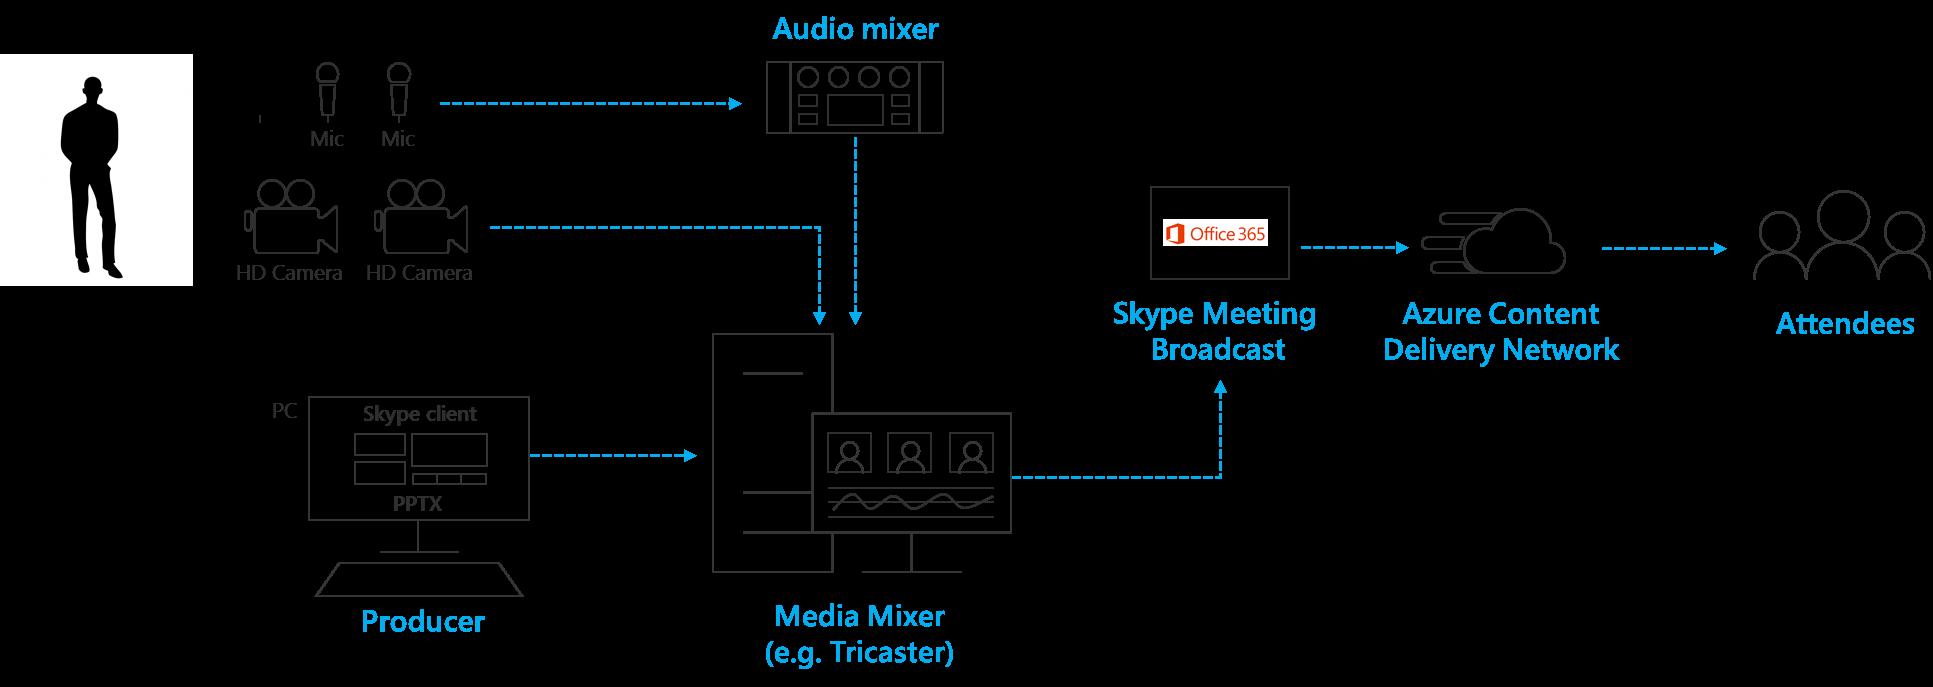 Mudança de várias fontes em um mixer de visão de hardware